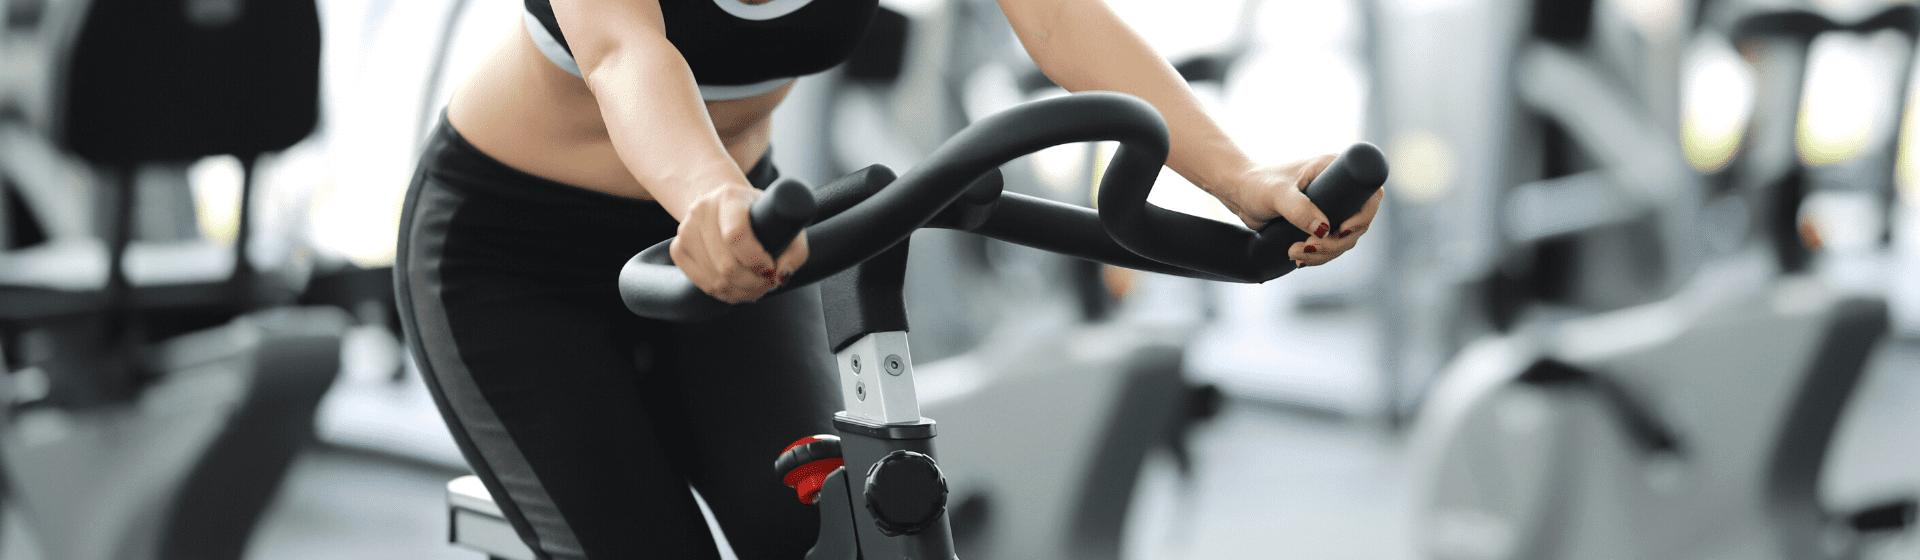 Bicicletas ergométricas mais vendidas em março de 2021